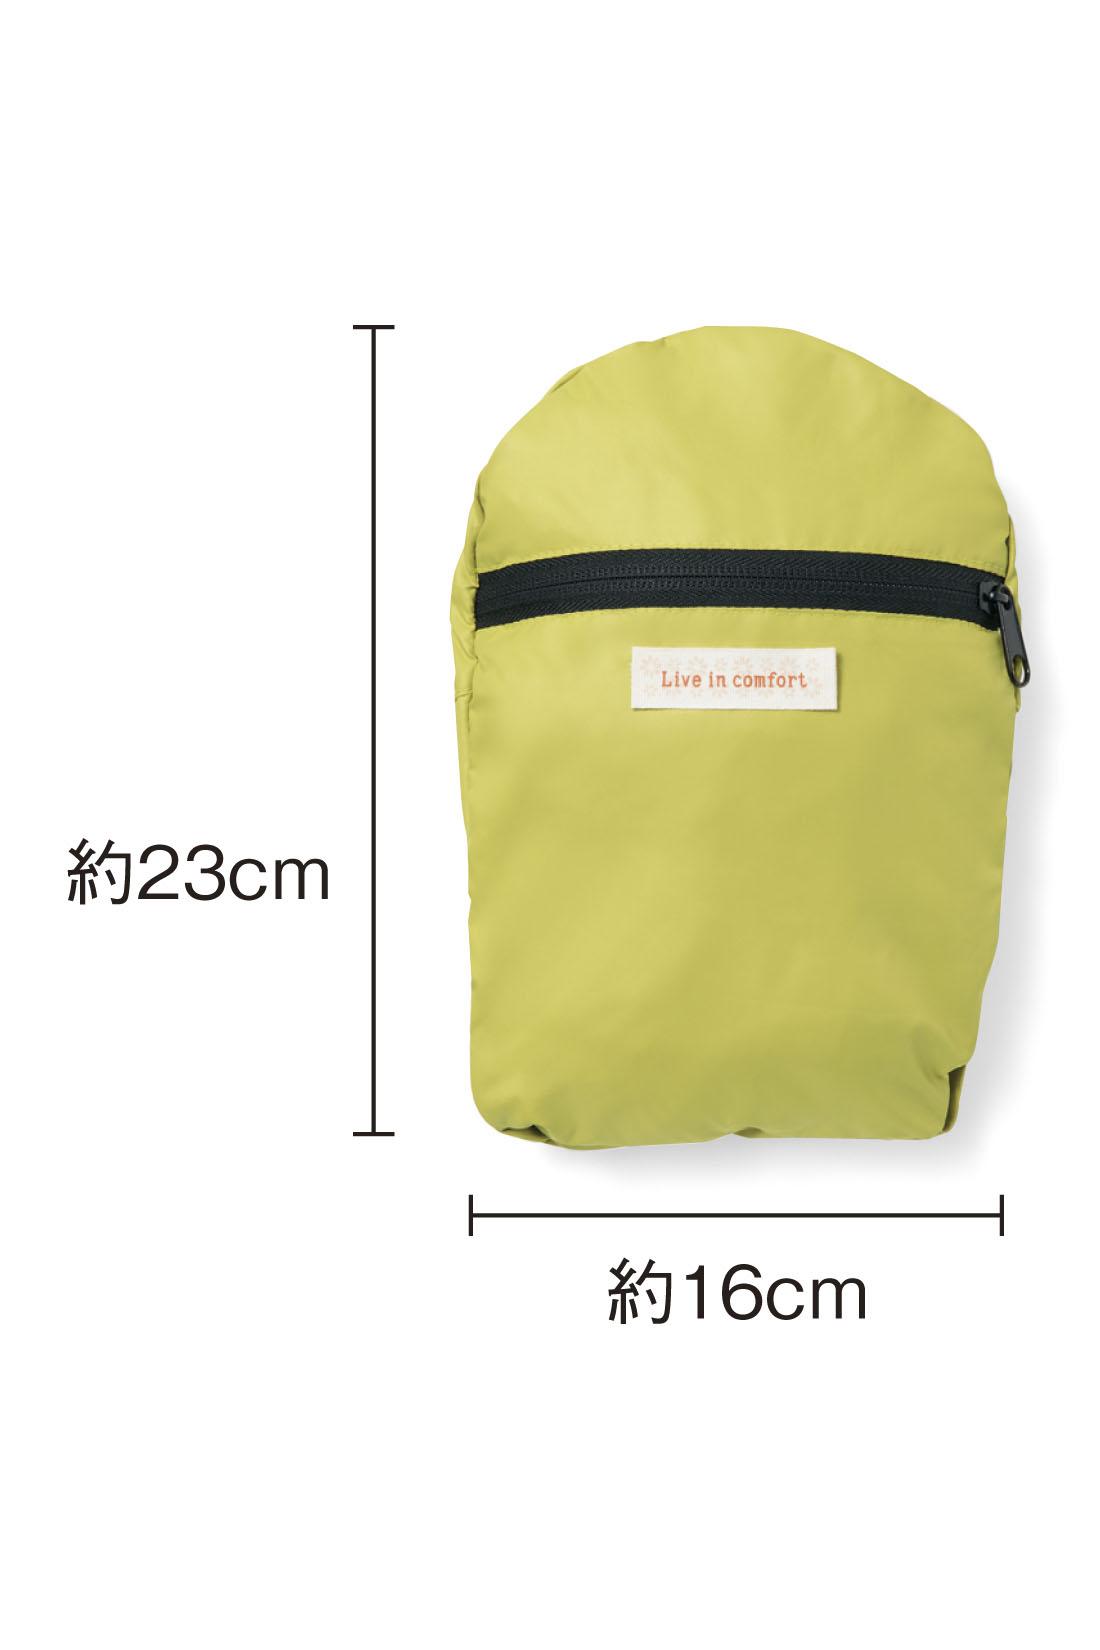 小さくたためばこのとおり!いつものバッグに常にしのばせて。 ※お届けするカラーとは異なります。